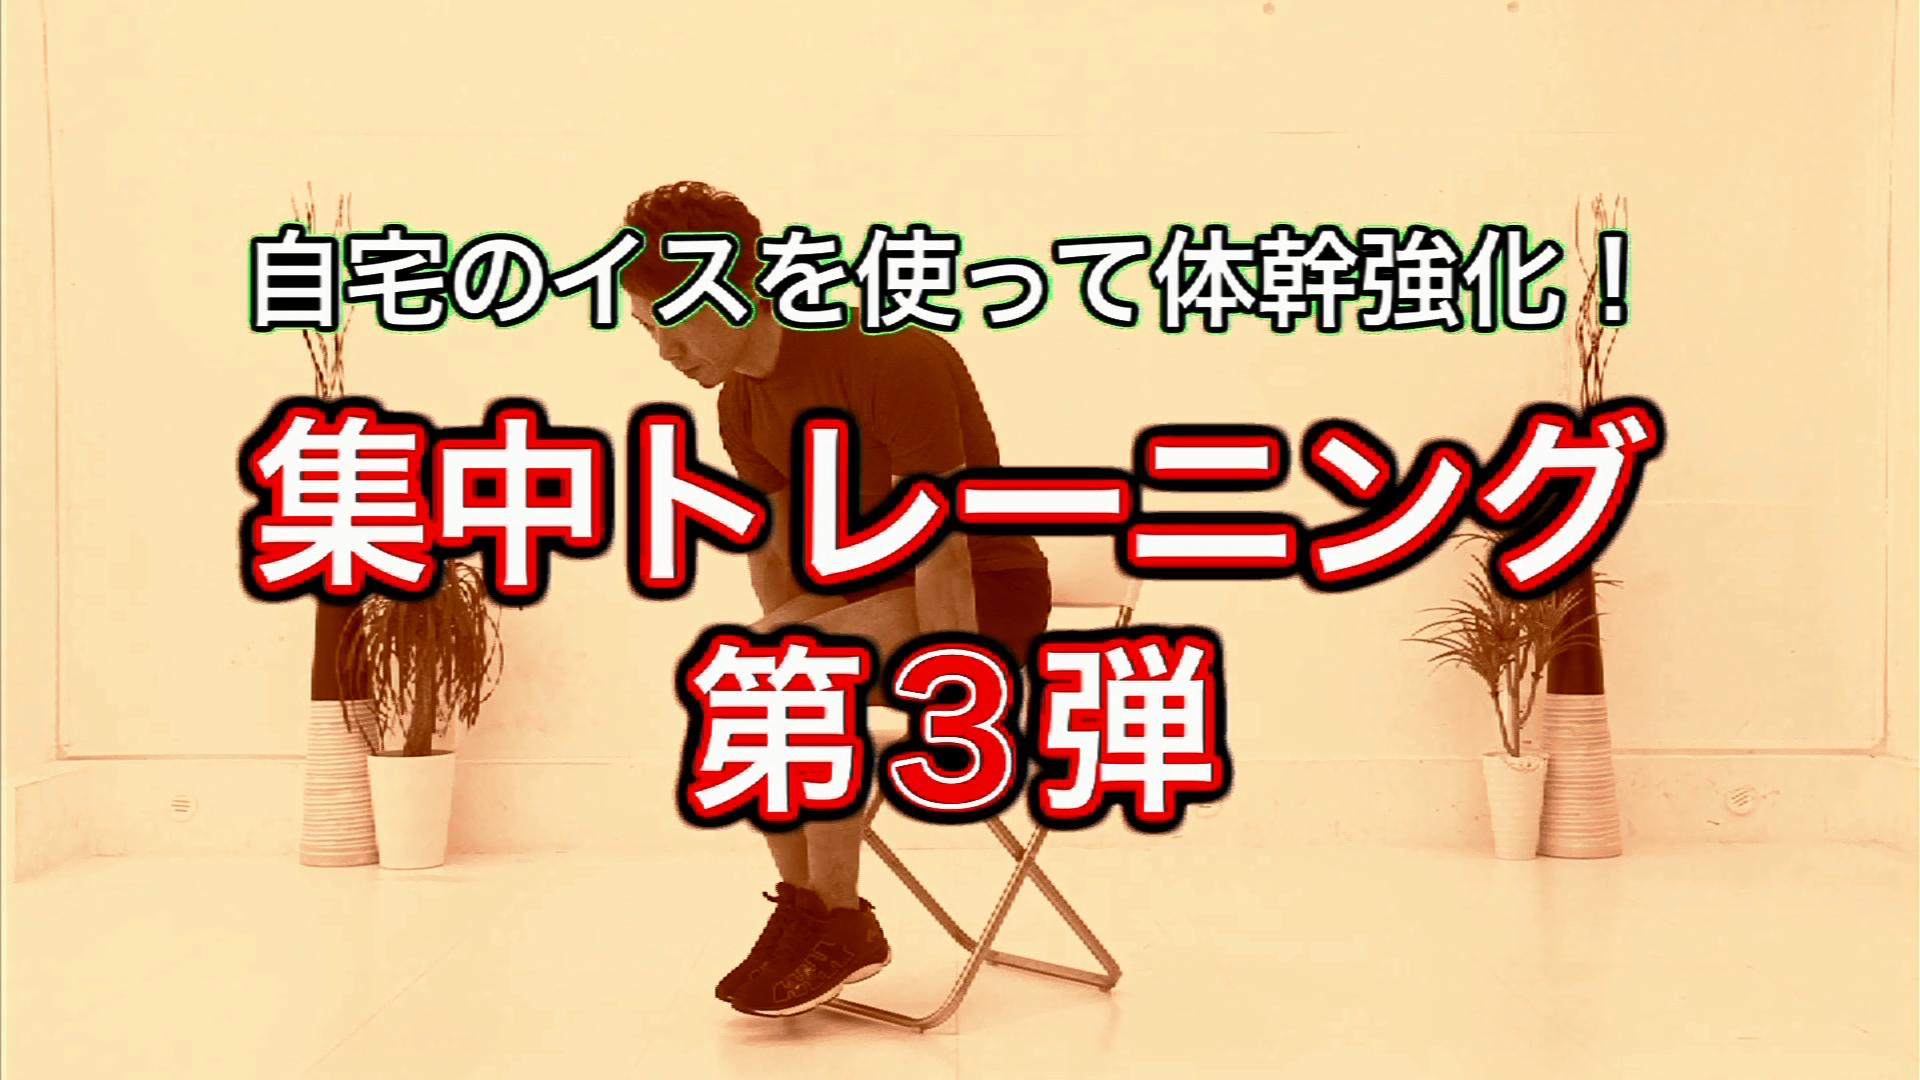 スクリーンショット 2014-12-08 14.34.24